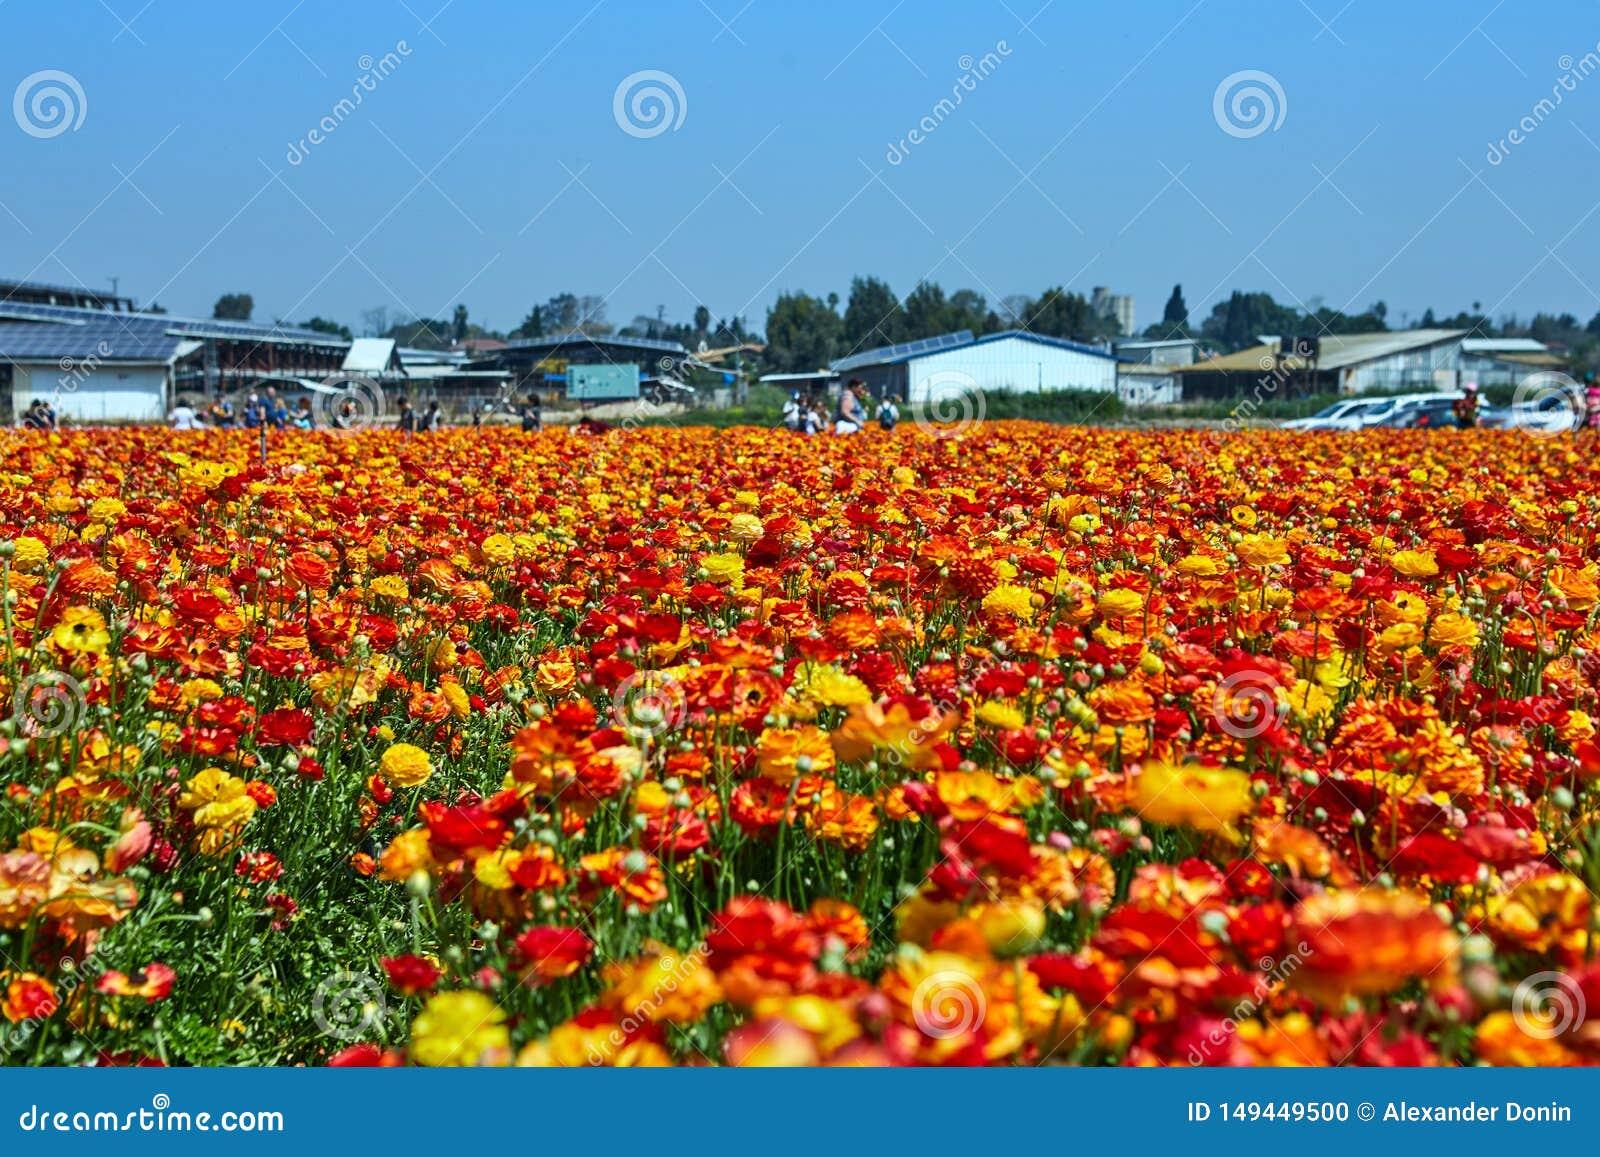 Blomma vildblommor, f?rgrika sm?rblommor p? en kibbutz i sydliga Israel